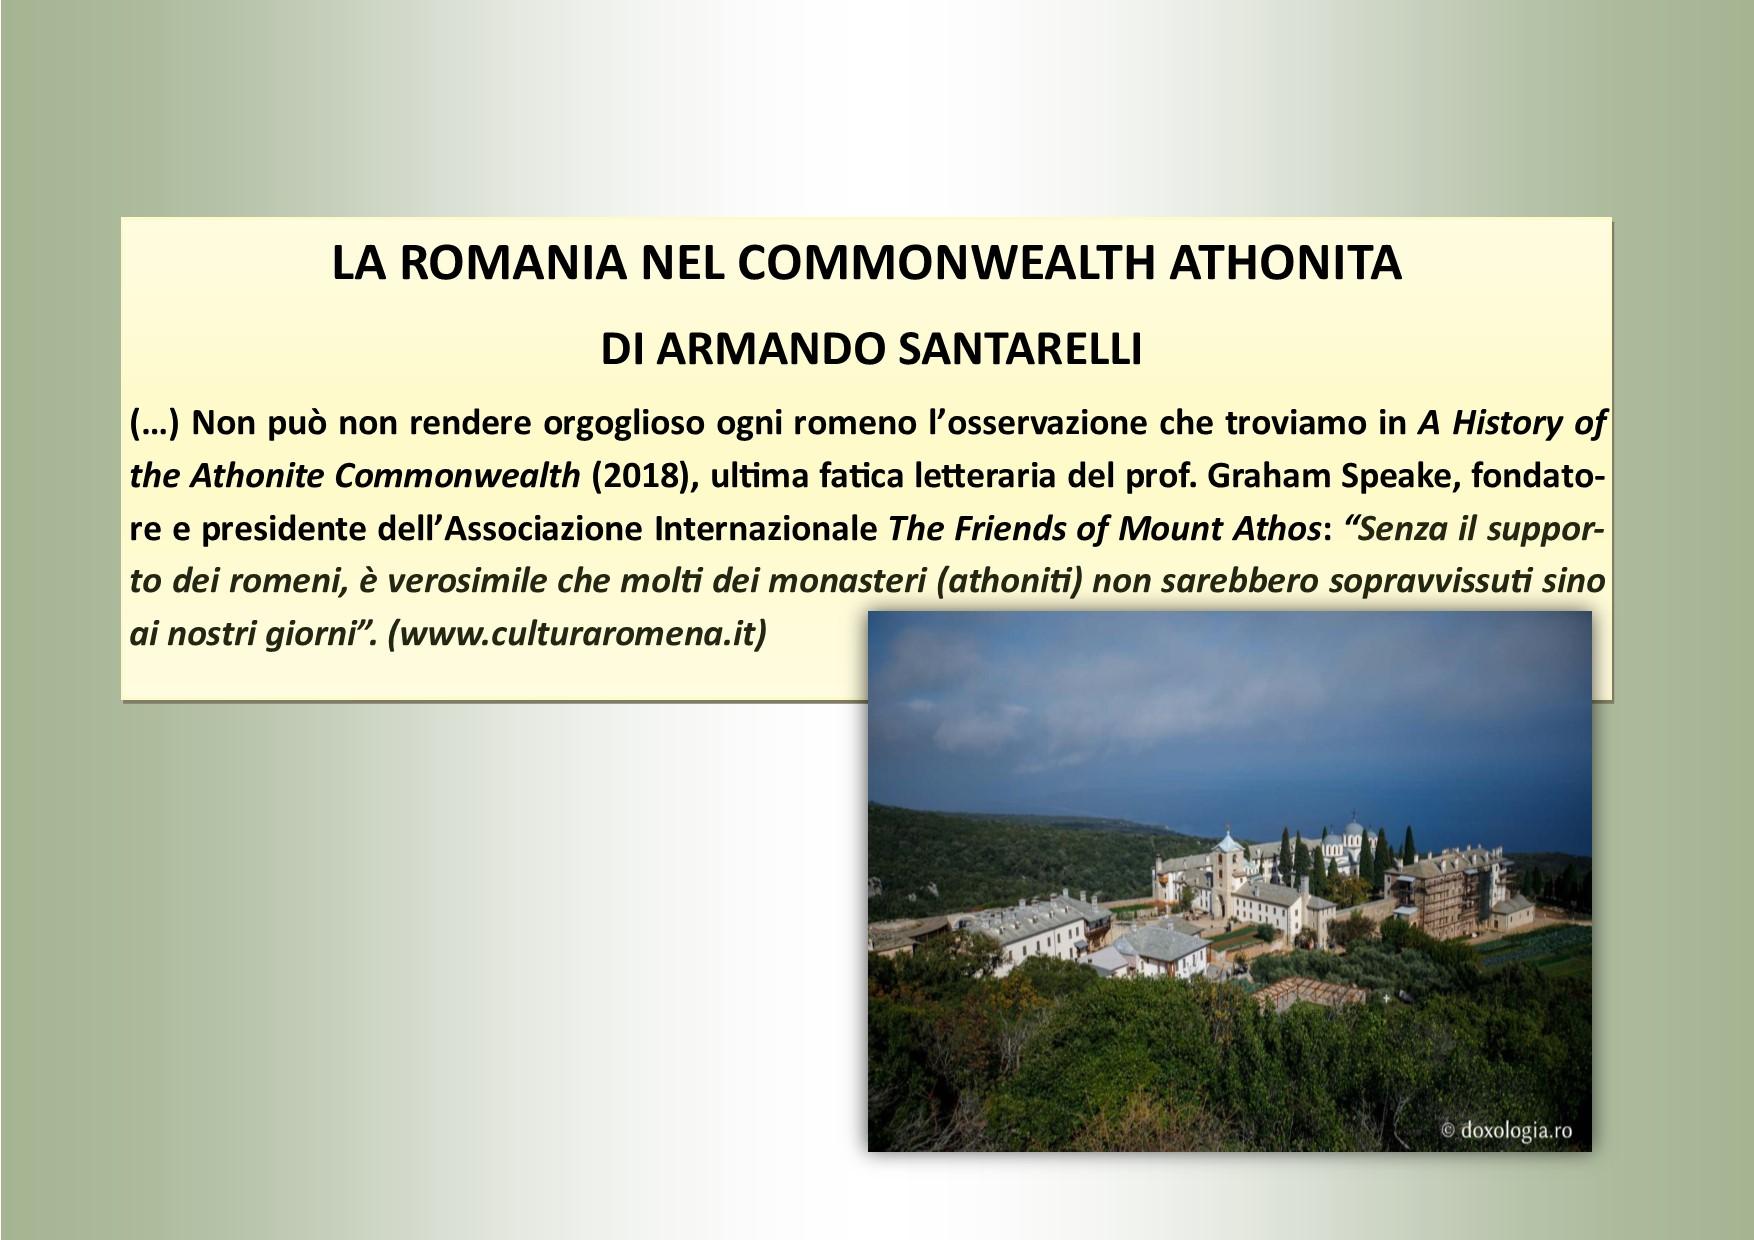 La Romania nel Commonwealth athonita